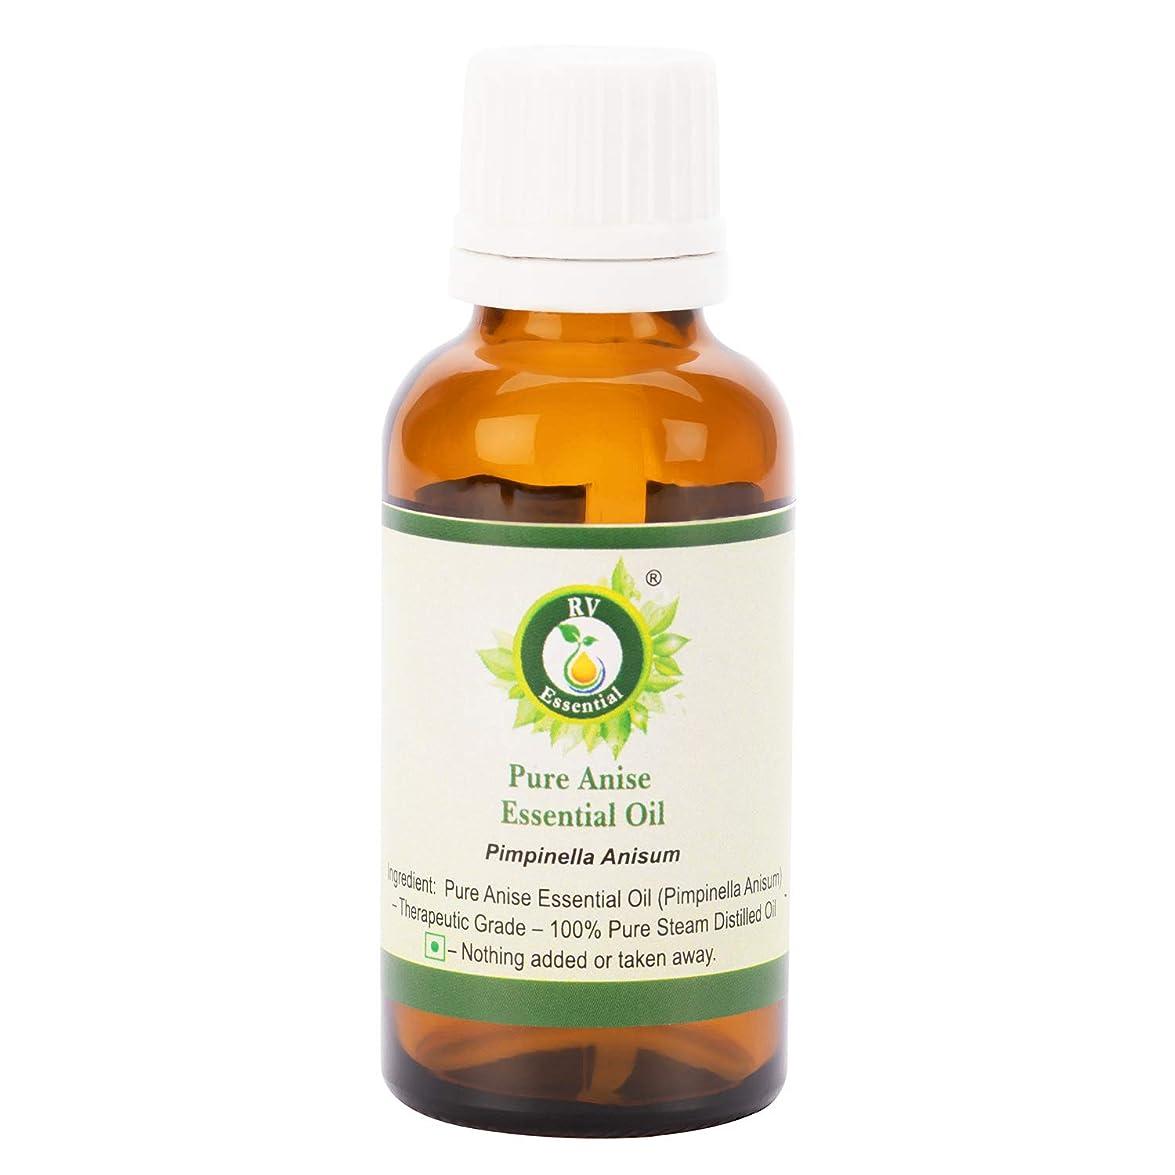 平行旅狭いピュアアニスエッセンシャルオイル5ml (0.169oz)- Pimpinella Anisum (100%純粋&天然スチームDistilled) Pure Anise Essential Oil